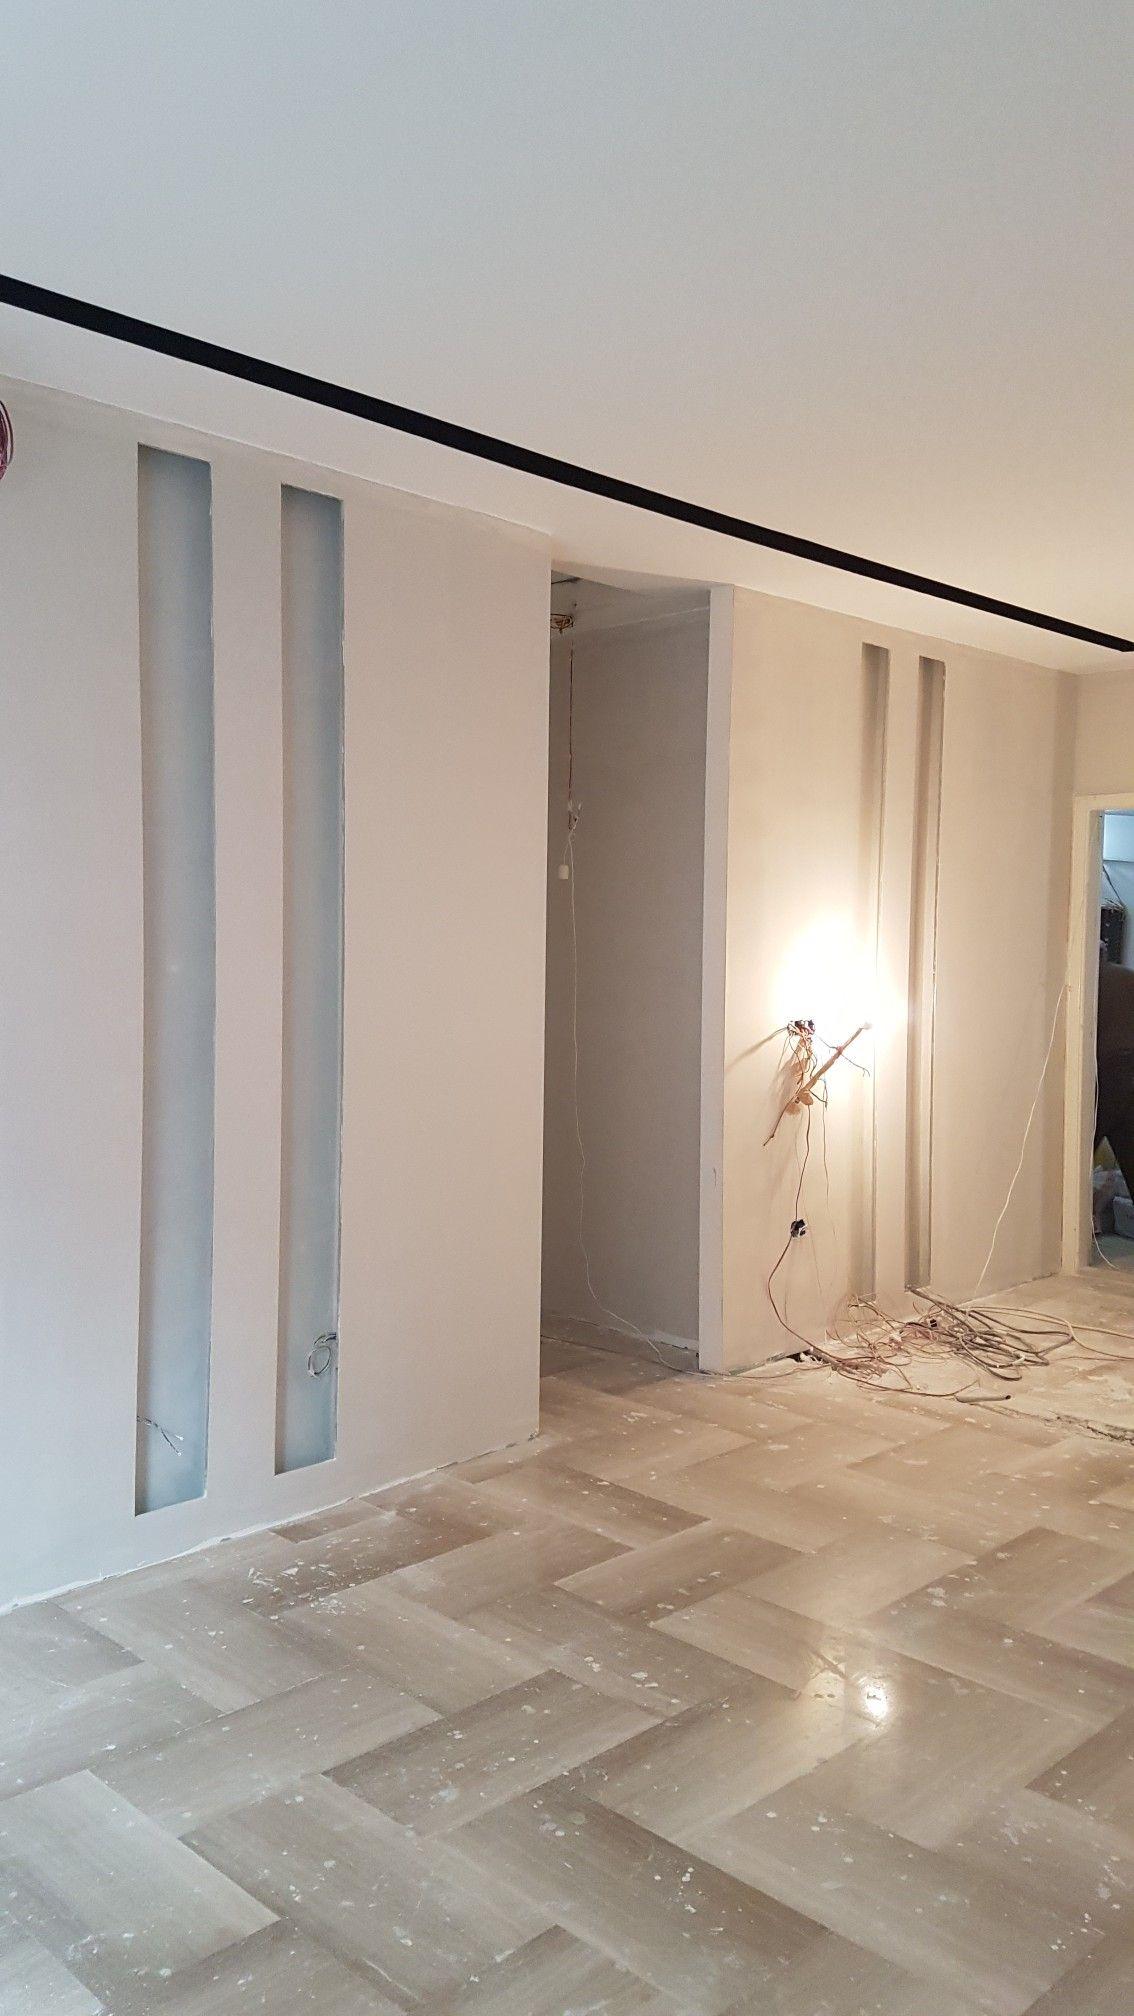 محمود الجاسم للتعهدات والديكور في لبنان للتواصل الاتصال بالرقم 0096171170181 تعهدات ديكورات شركة تنفيذ ديكورات عامة داخلي تنفيذ ديكور Decor Home House Painting